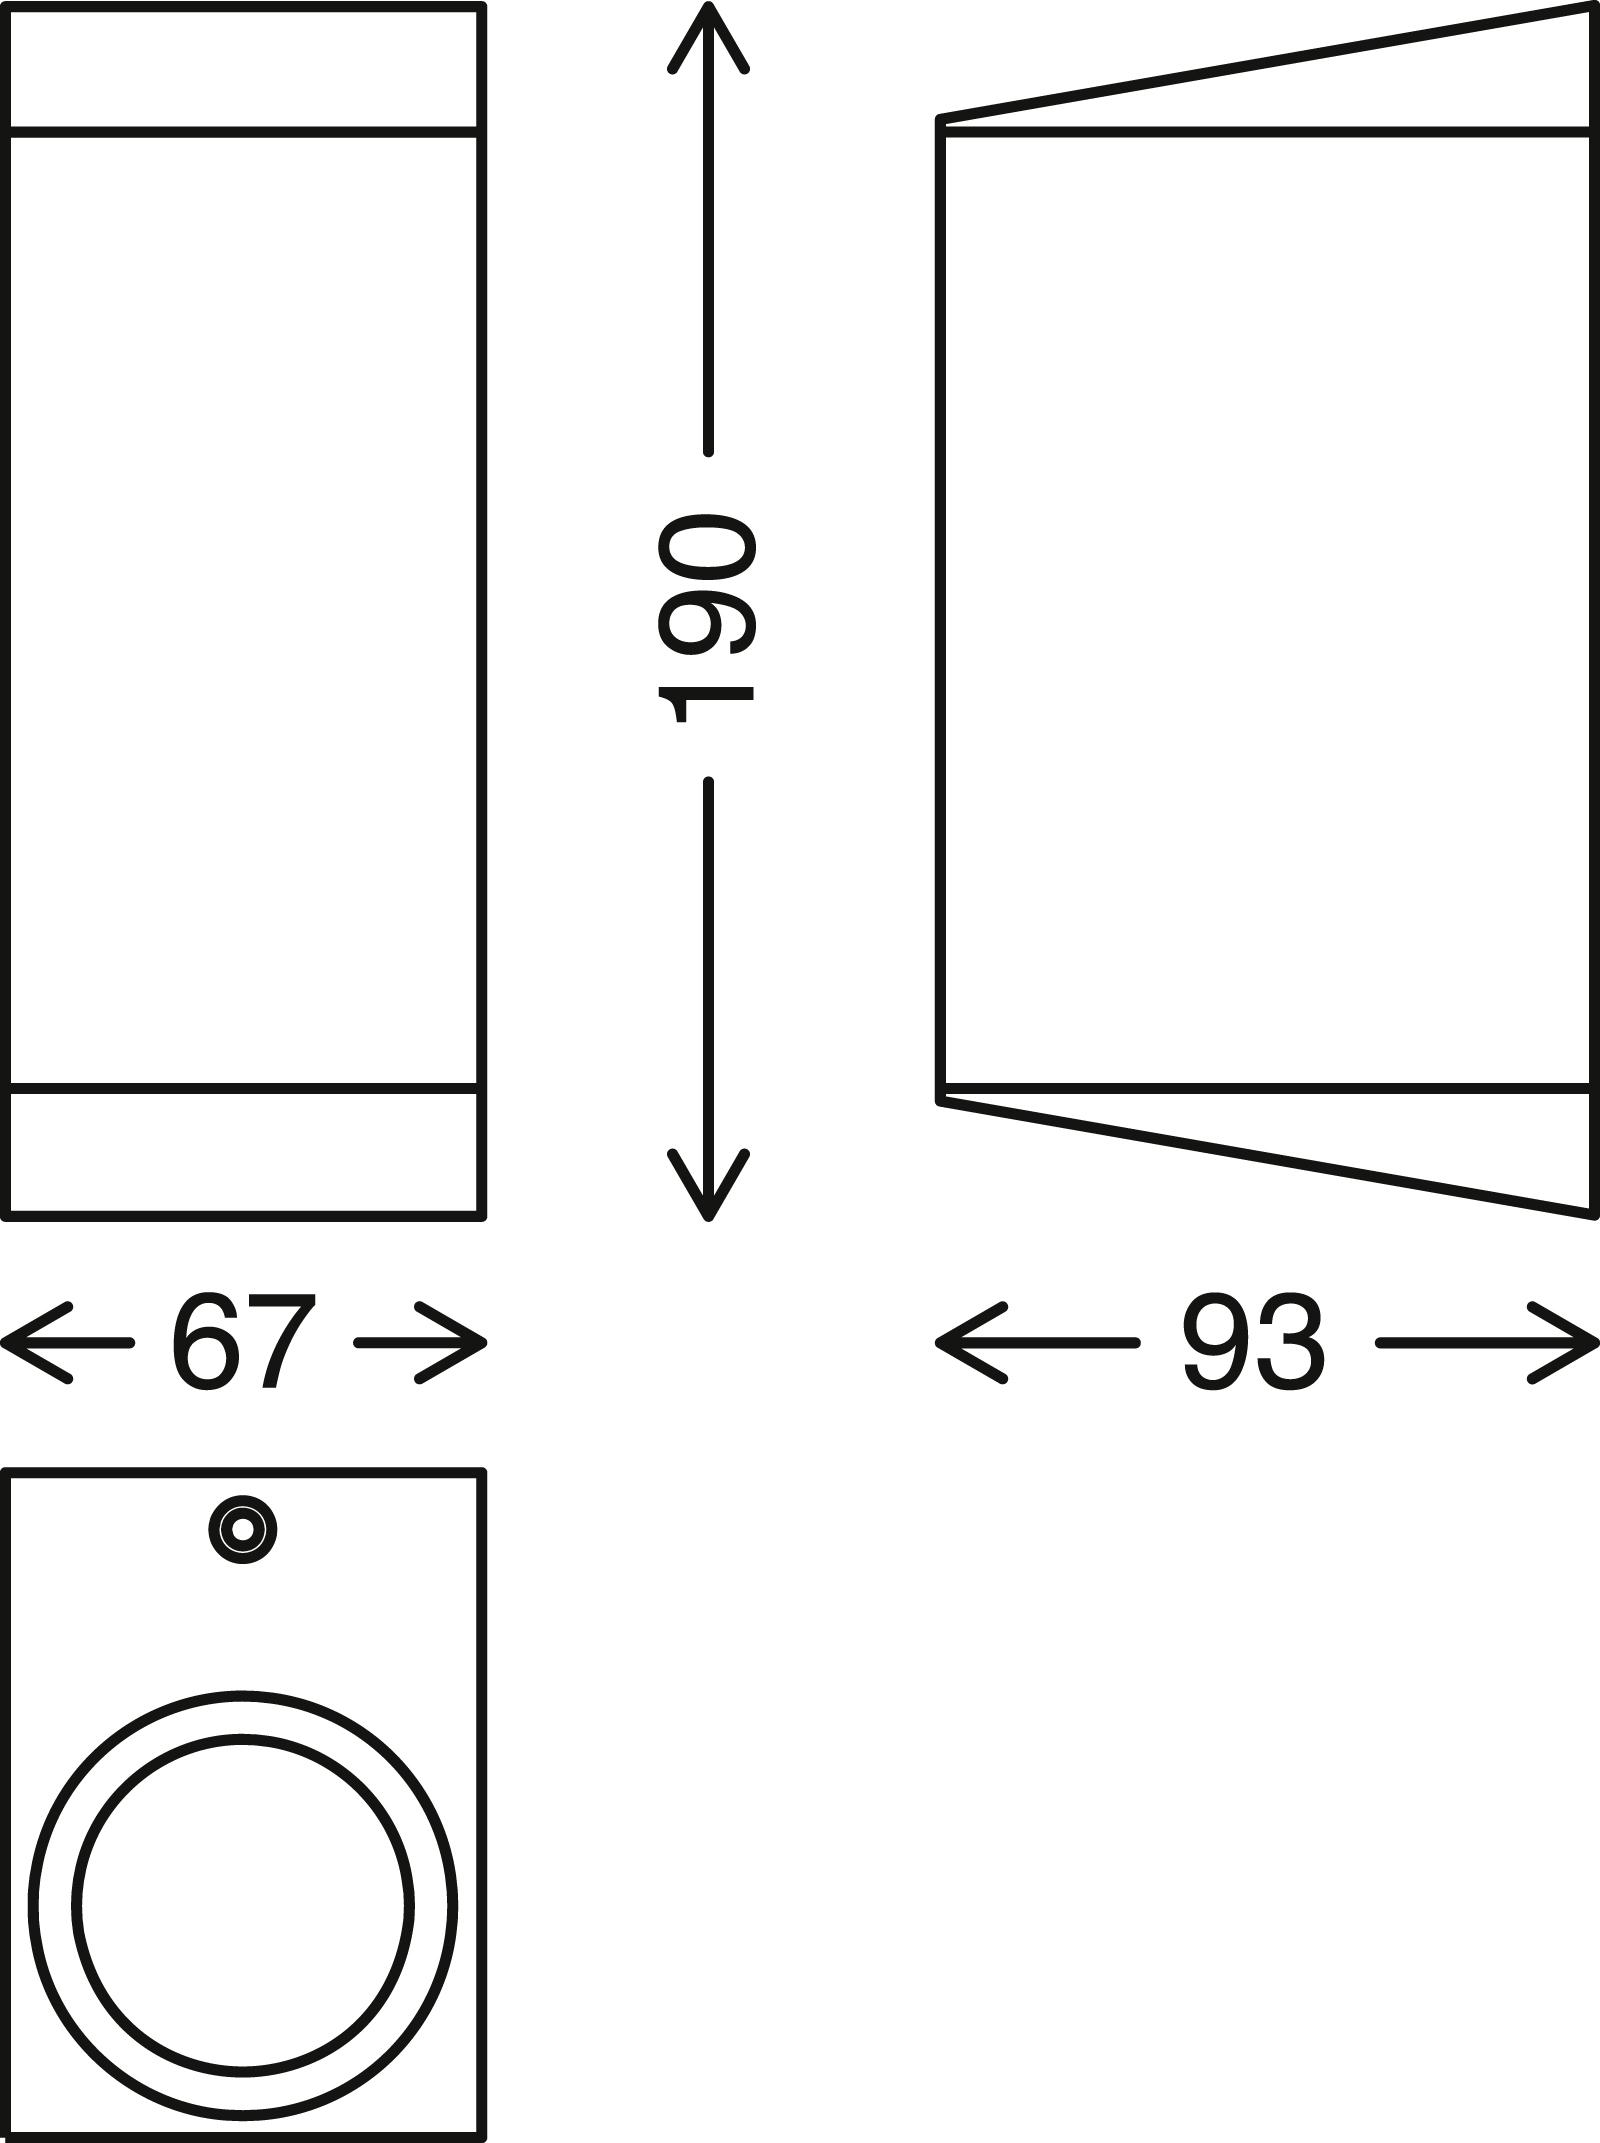 TELEFUNKEN LED Außenwandleuchte, 19 cm, 10 W, Weiß